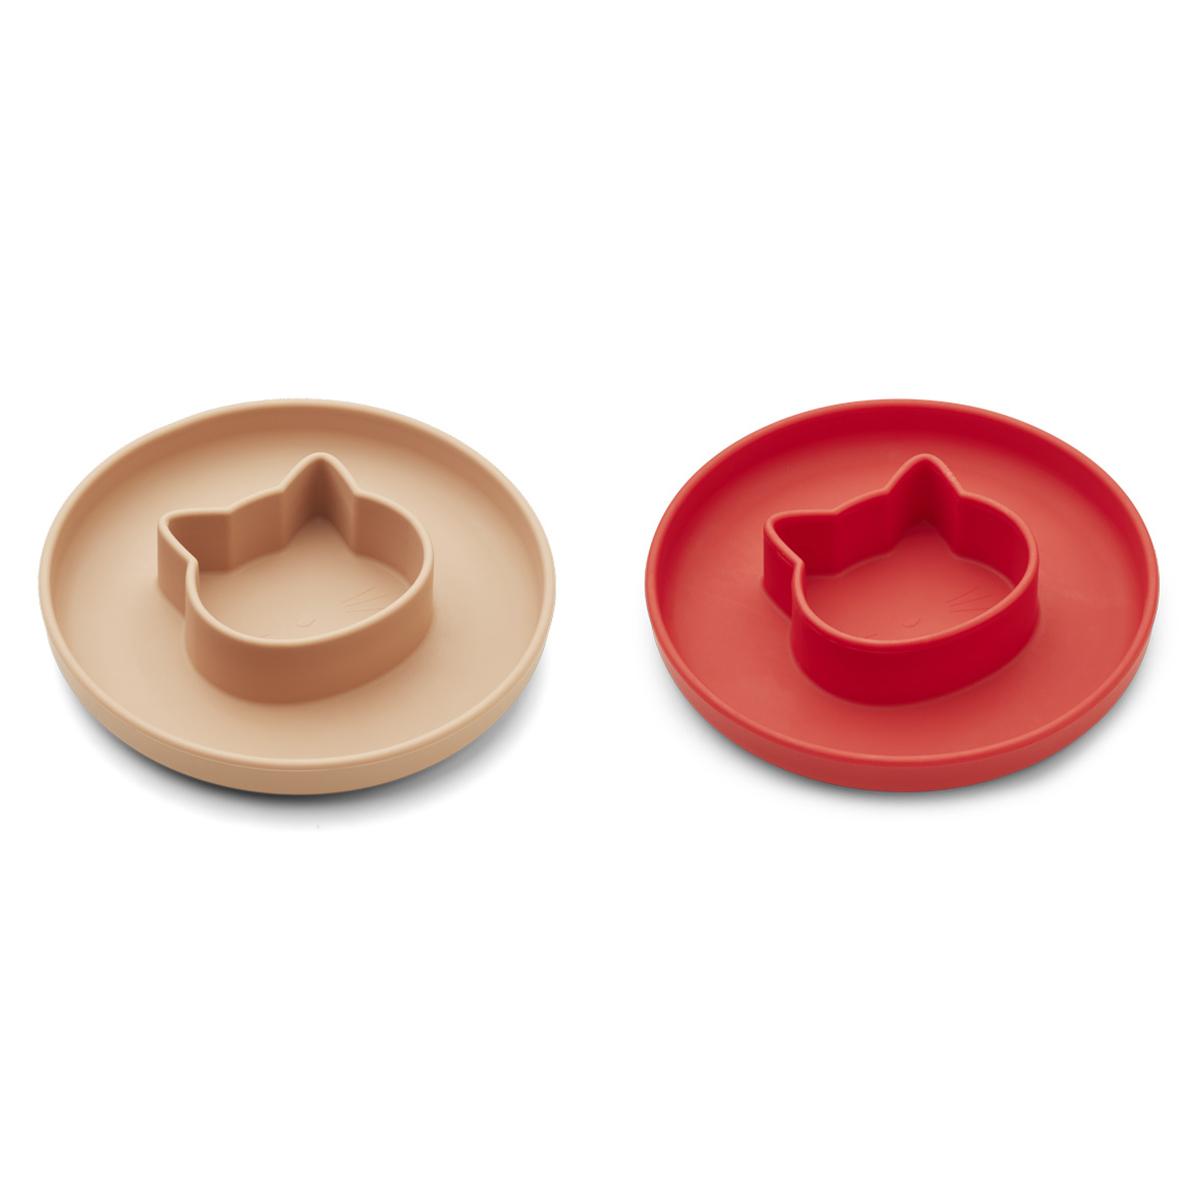 Vaisselle & Couvert Lot de 2 Assiettes Gordon - Cat Apple Red Tuscany Rose Lot de 2 Assiettes Gordon - Cat Apple Red Tuscany Rose